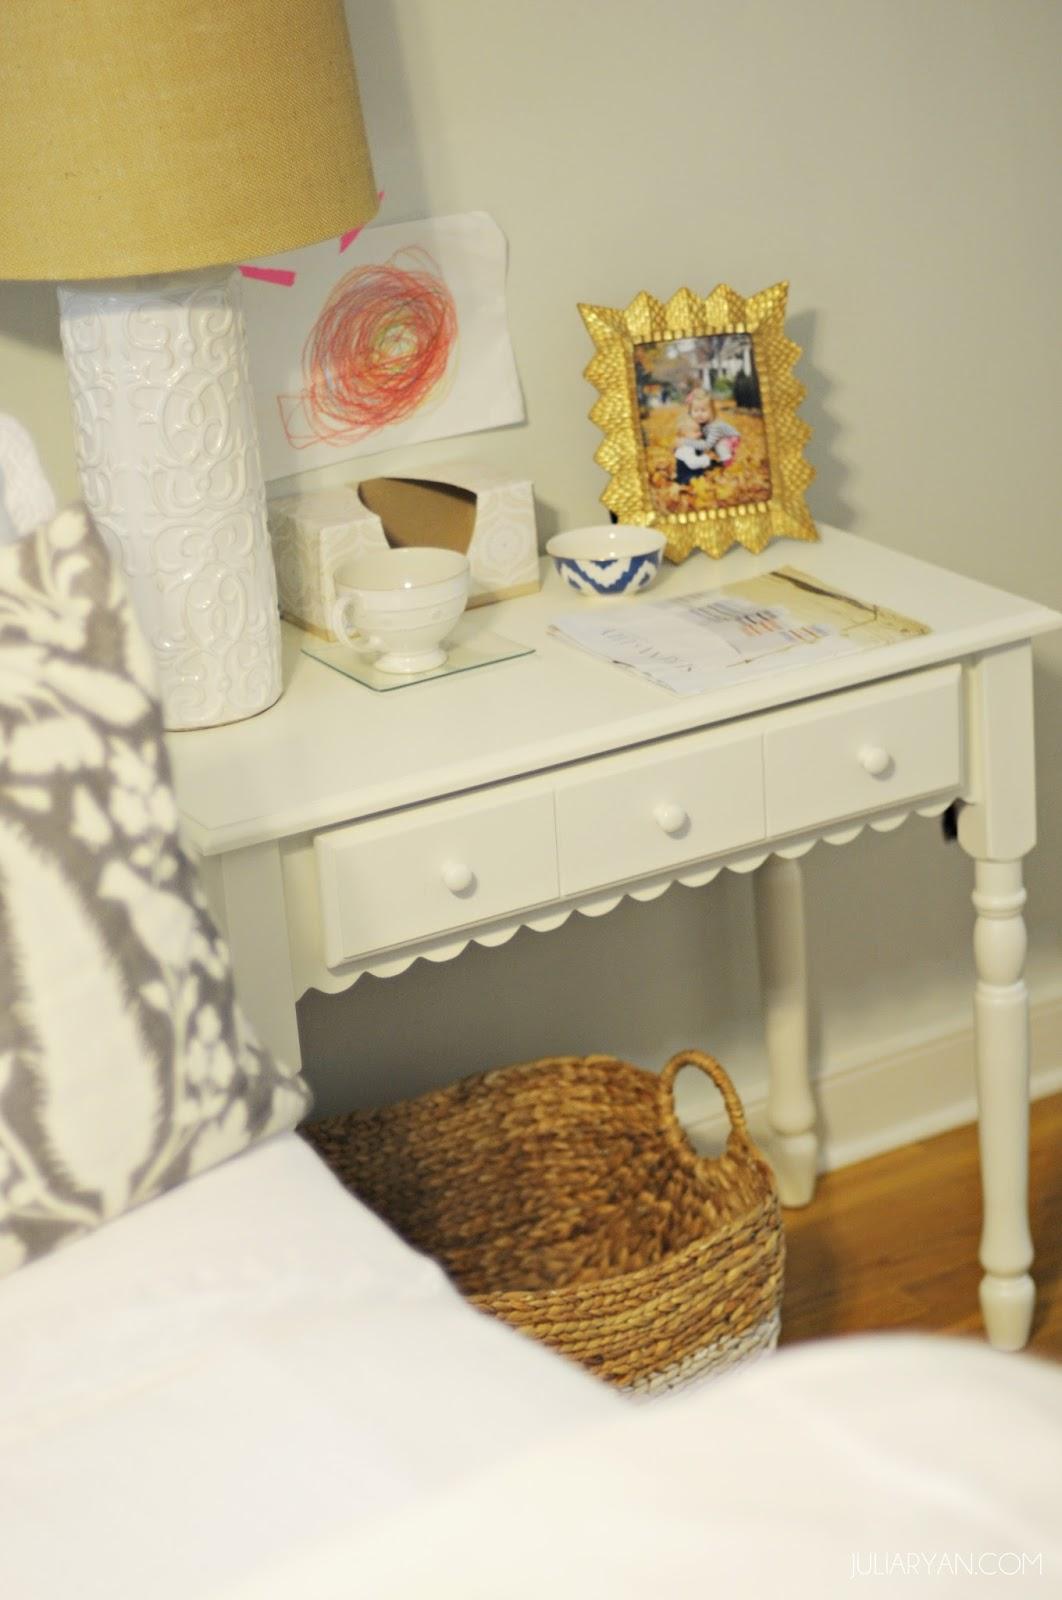 Bedroom Bedside Table: New House: Master Bedroom Bedside Tables